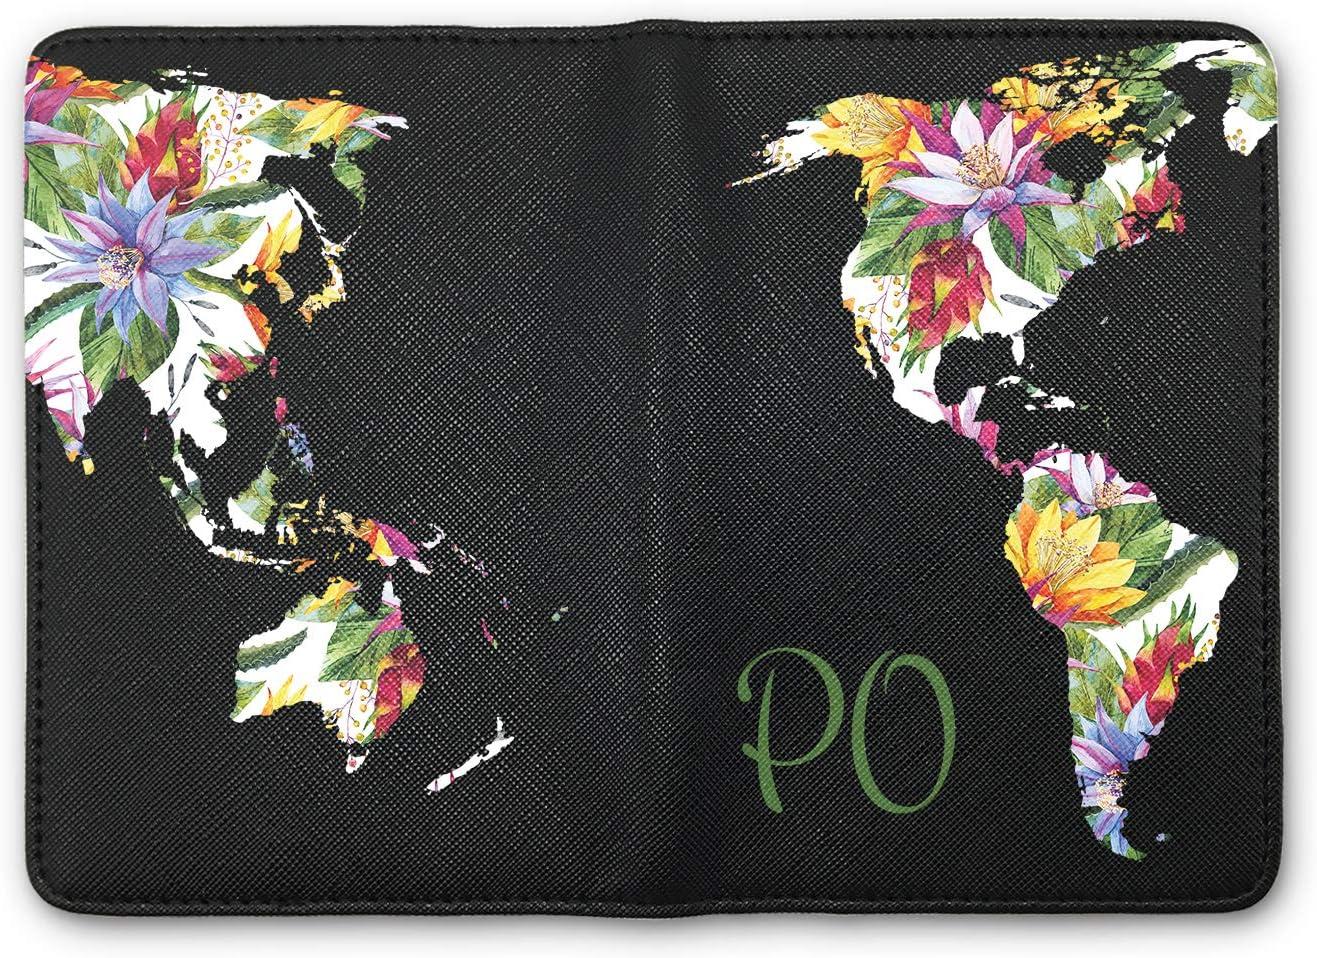 para Pasaporte Etiquetas Personalizadas Blanco Luggage Tag para Viajes de Piel Organizador de Viaje con dise/ño de Mapa del Mundo